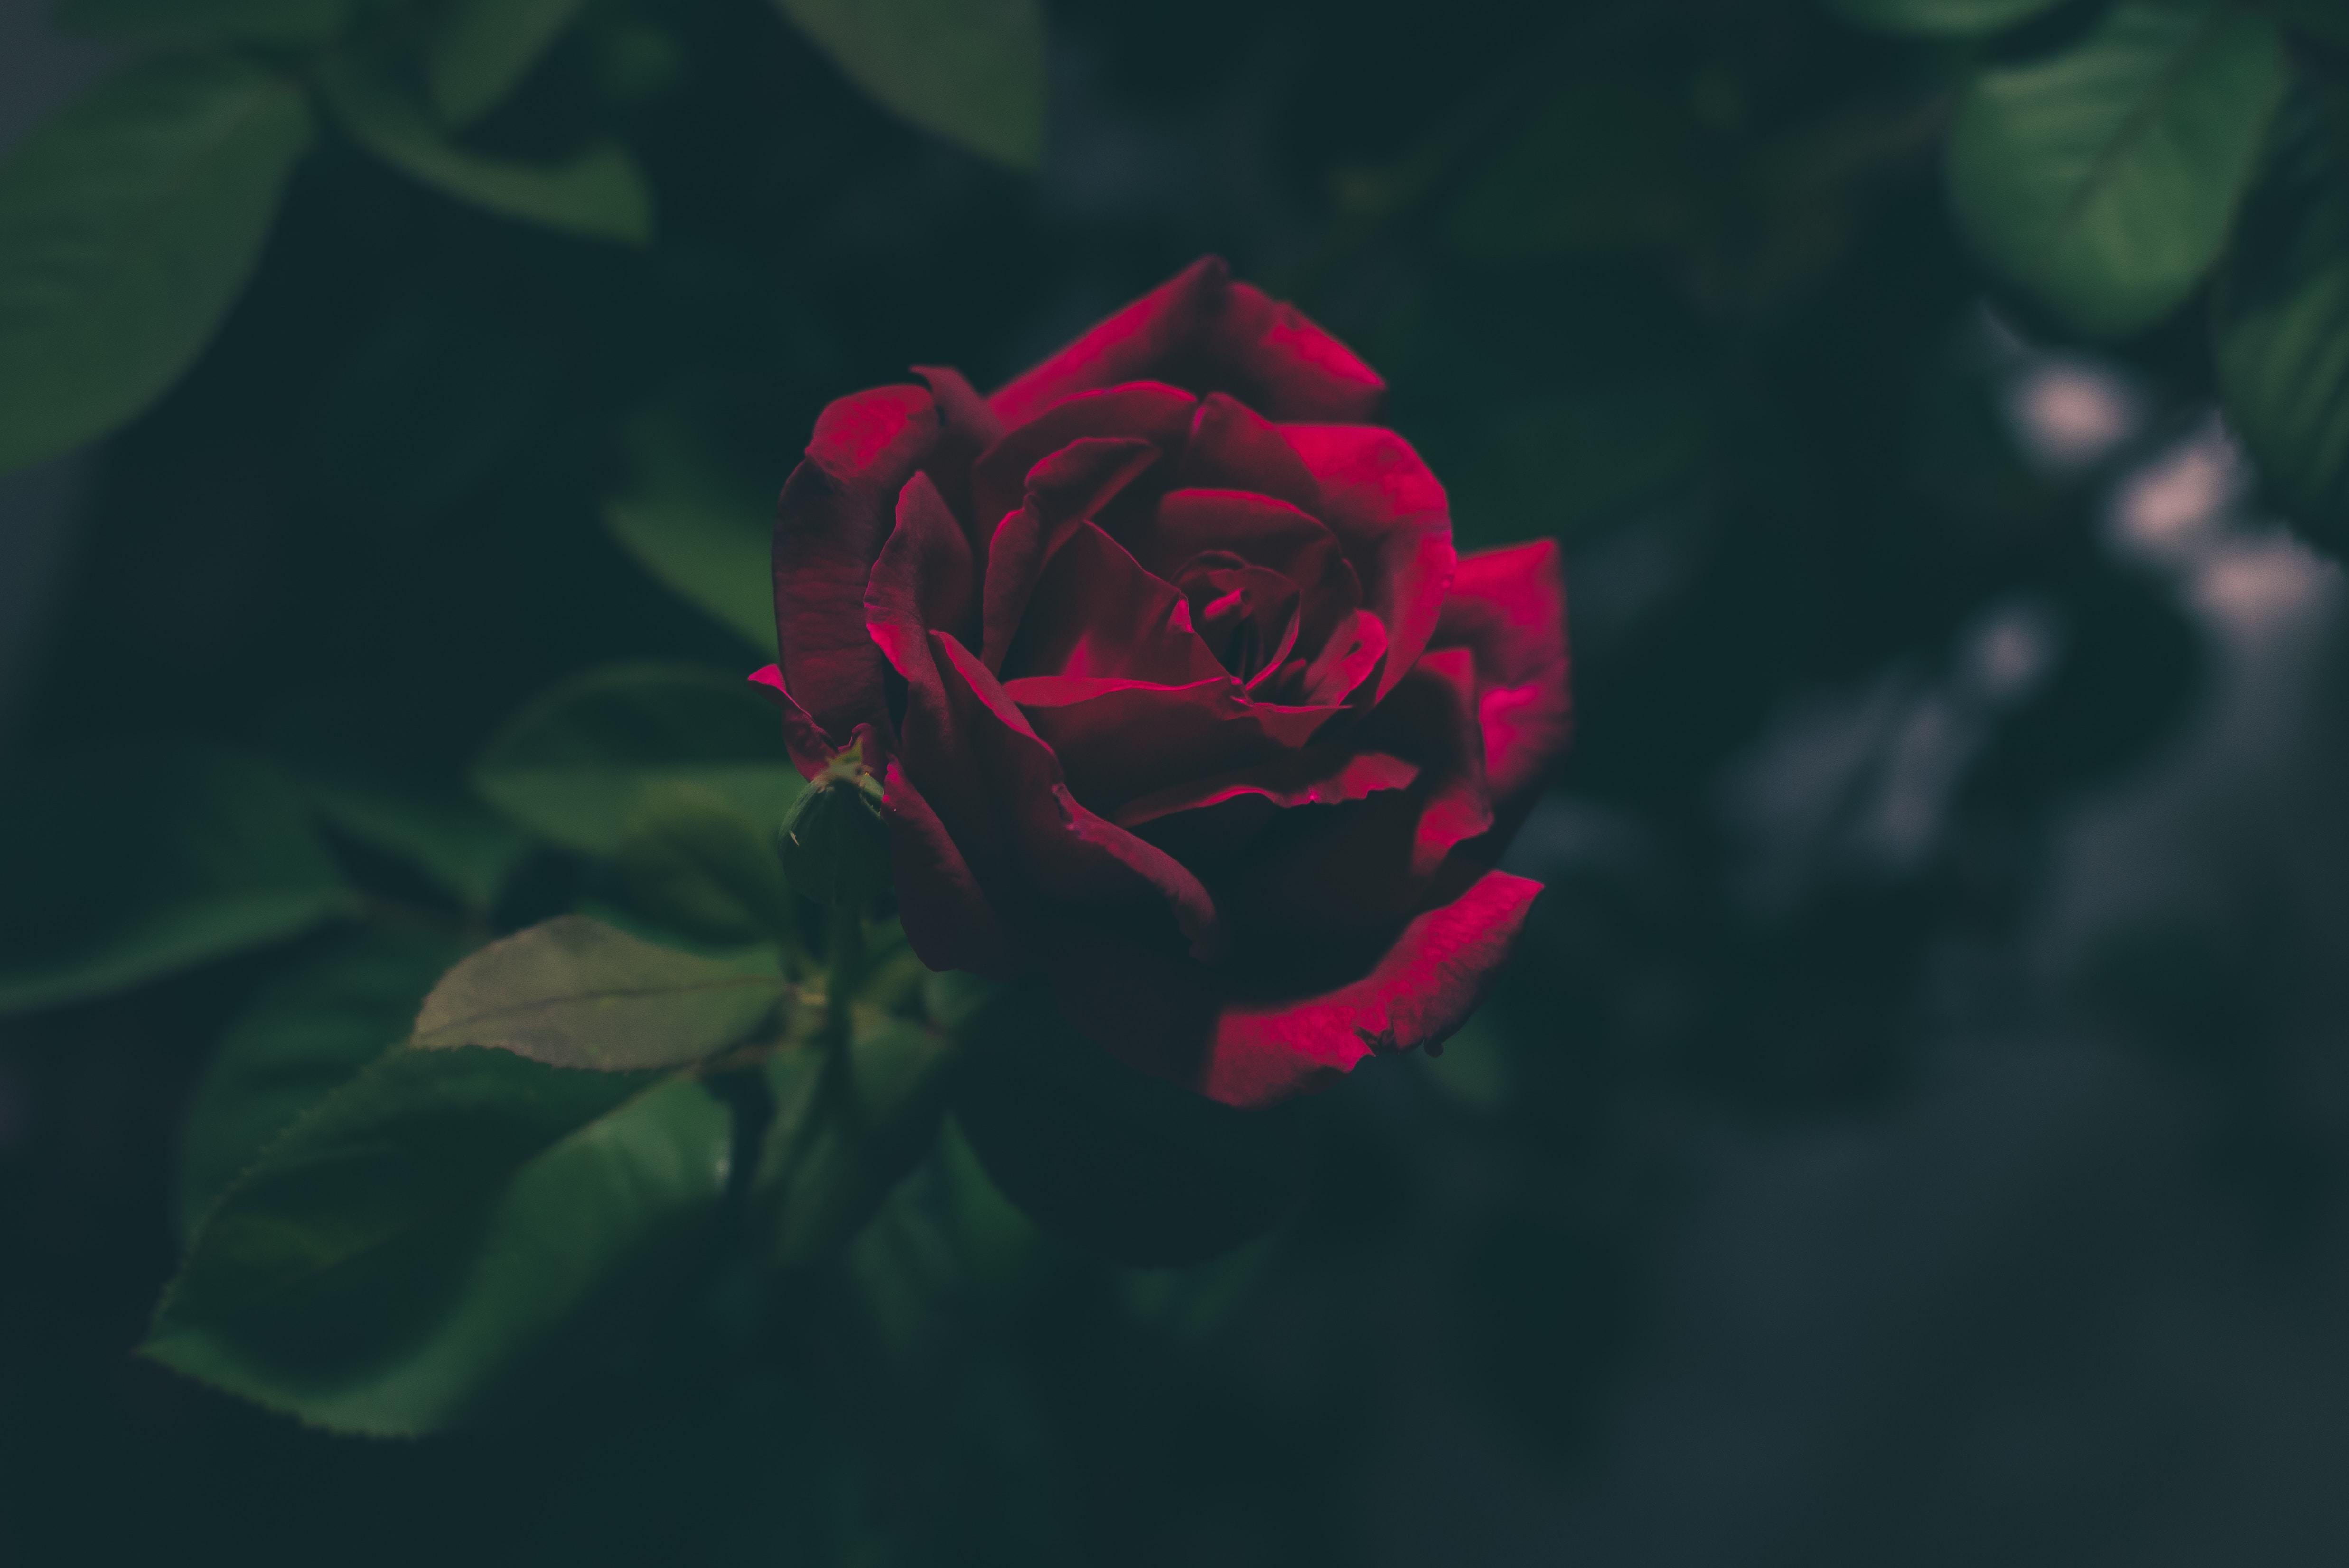 rosebud (sonnet) romance stories